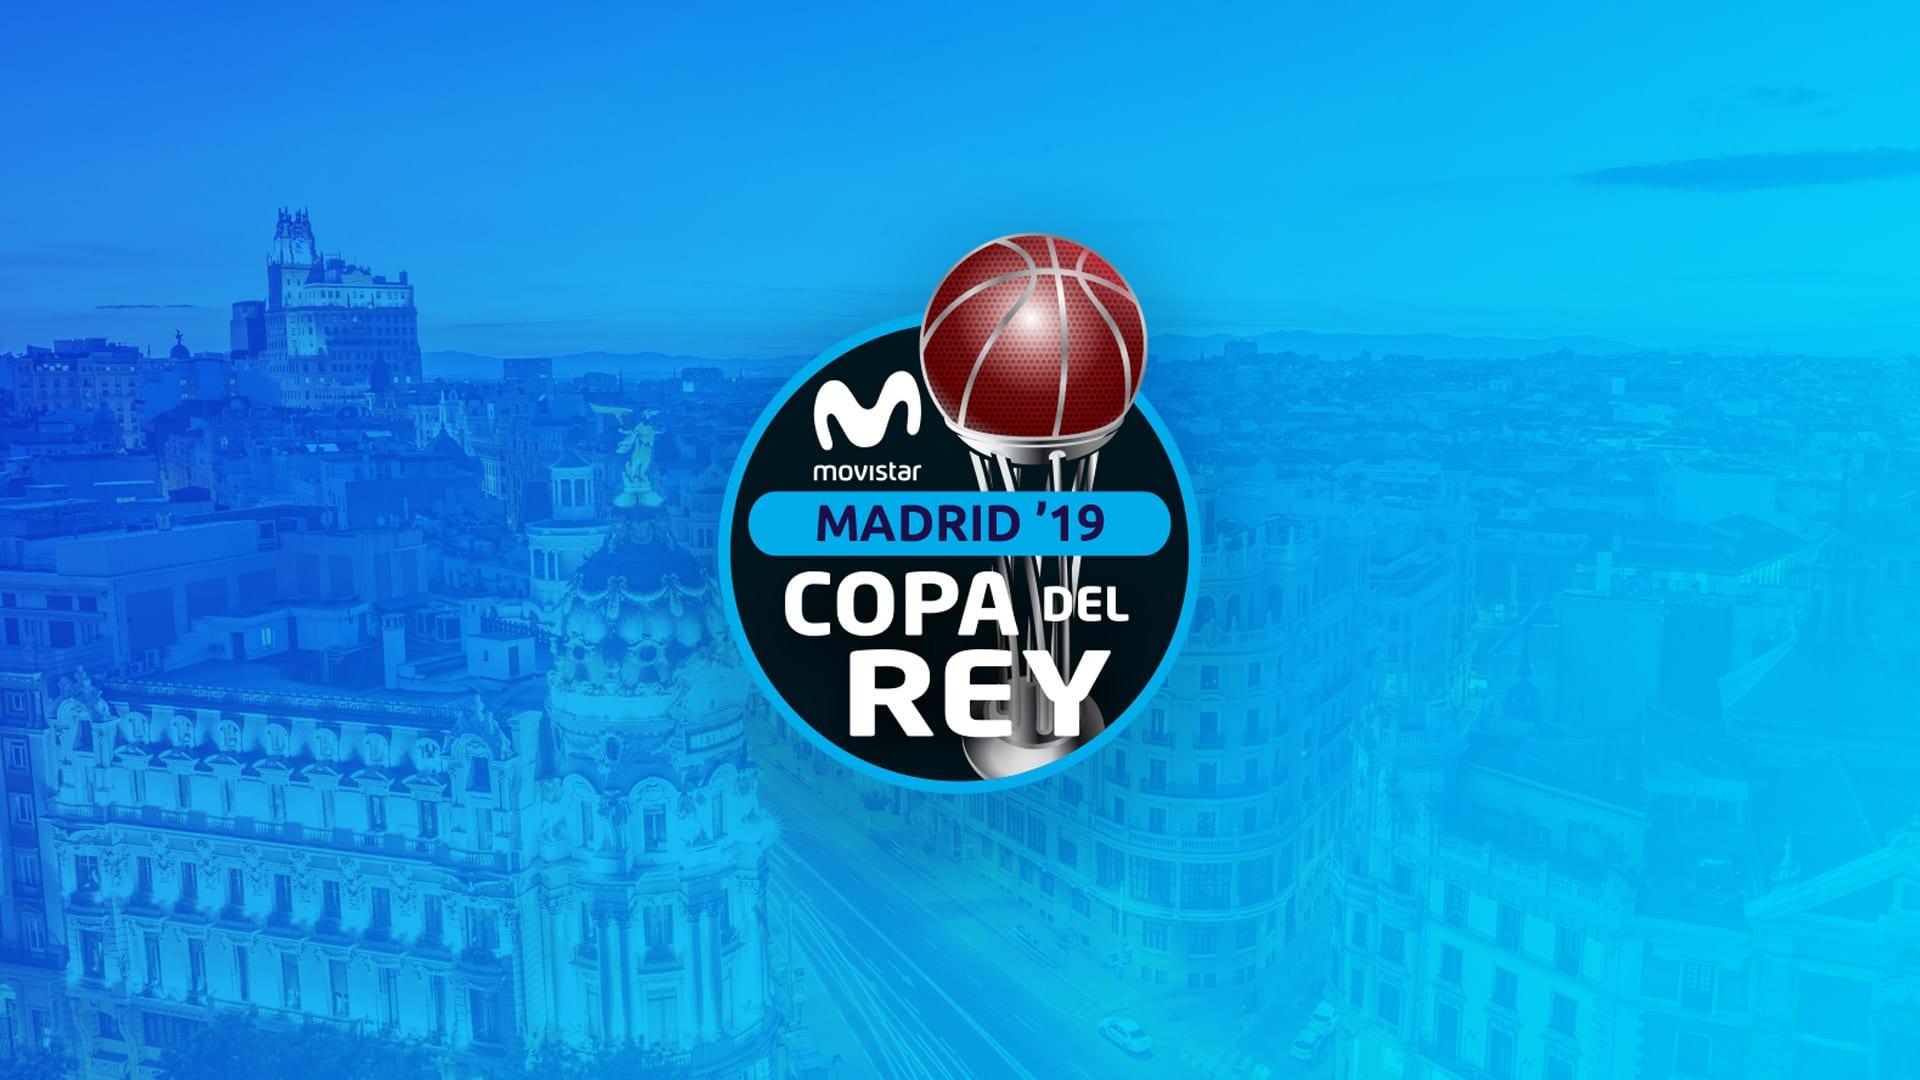 Abonos Copa del Rey Madrid 2019